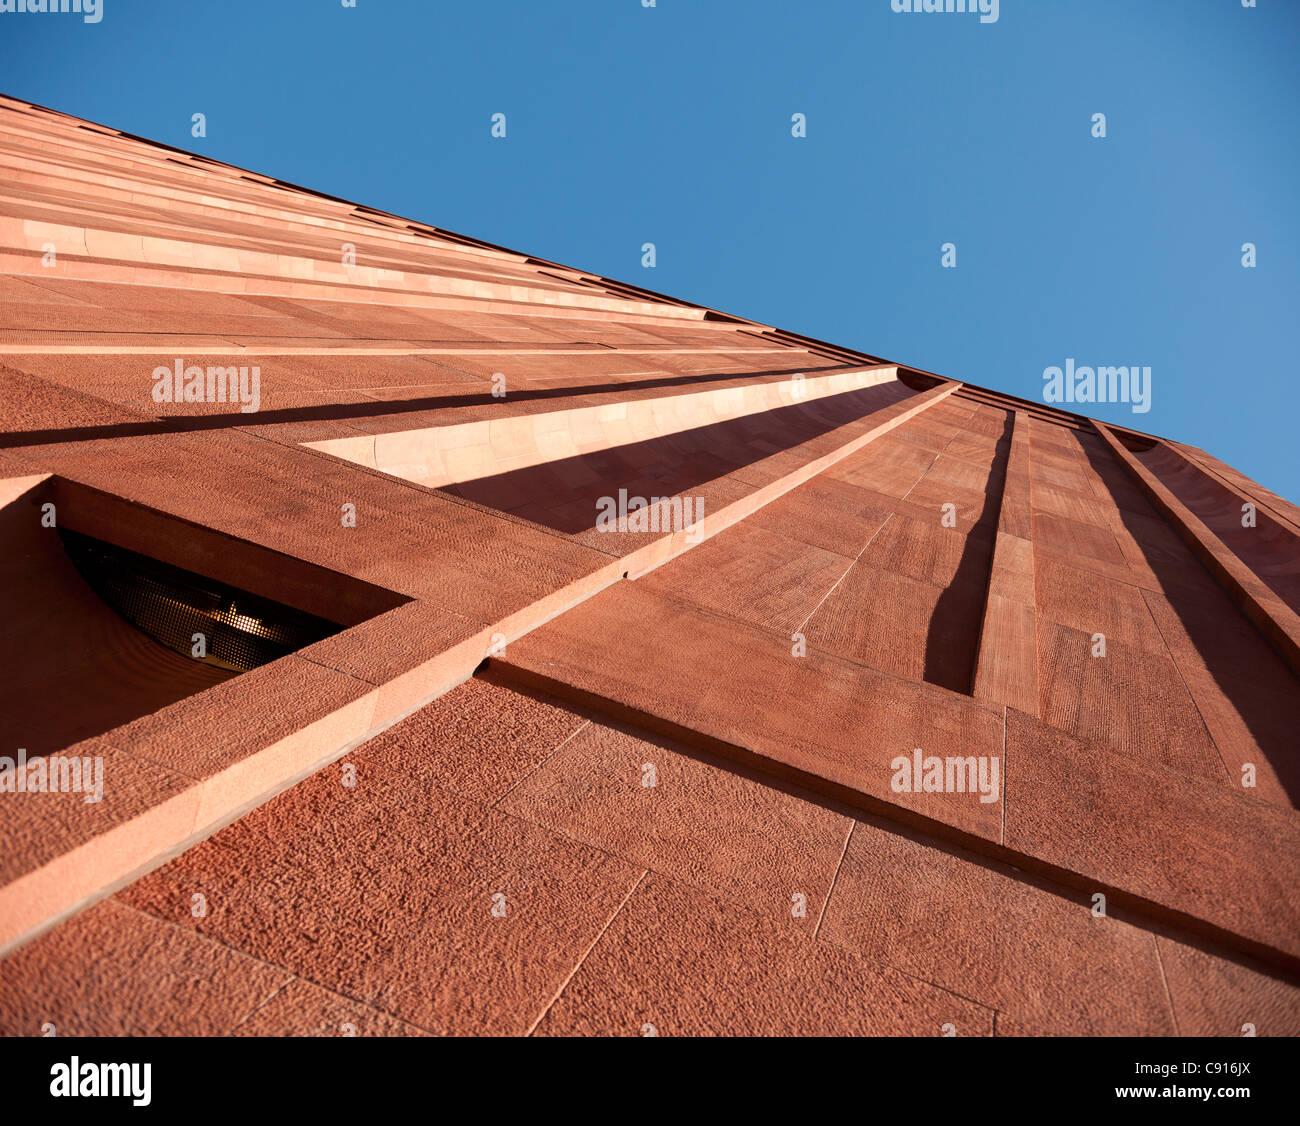 Studie des äußeren der Gebäude in Manhattan in der Nähe von Washington Square zeigt, dass sogar Stockbild